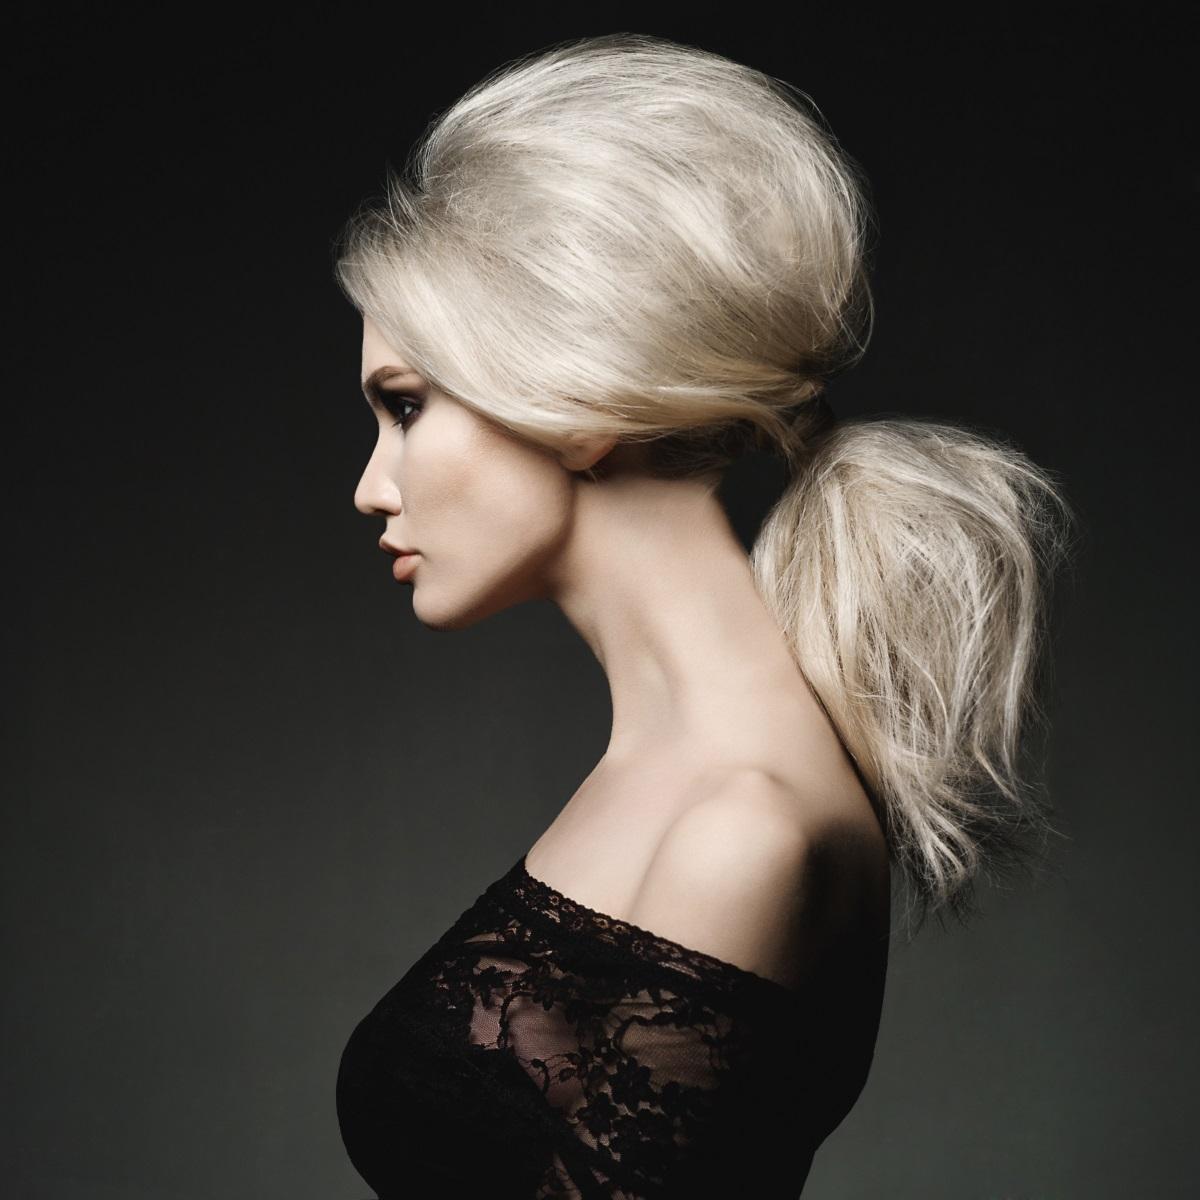 מראה שיער מנופח ללא תוספות שיער